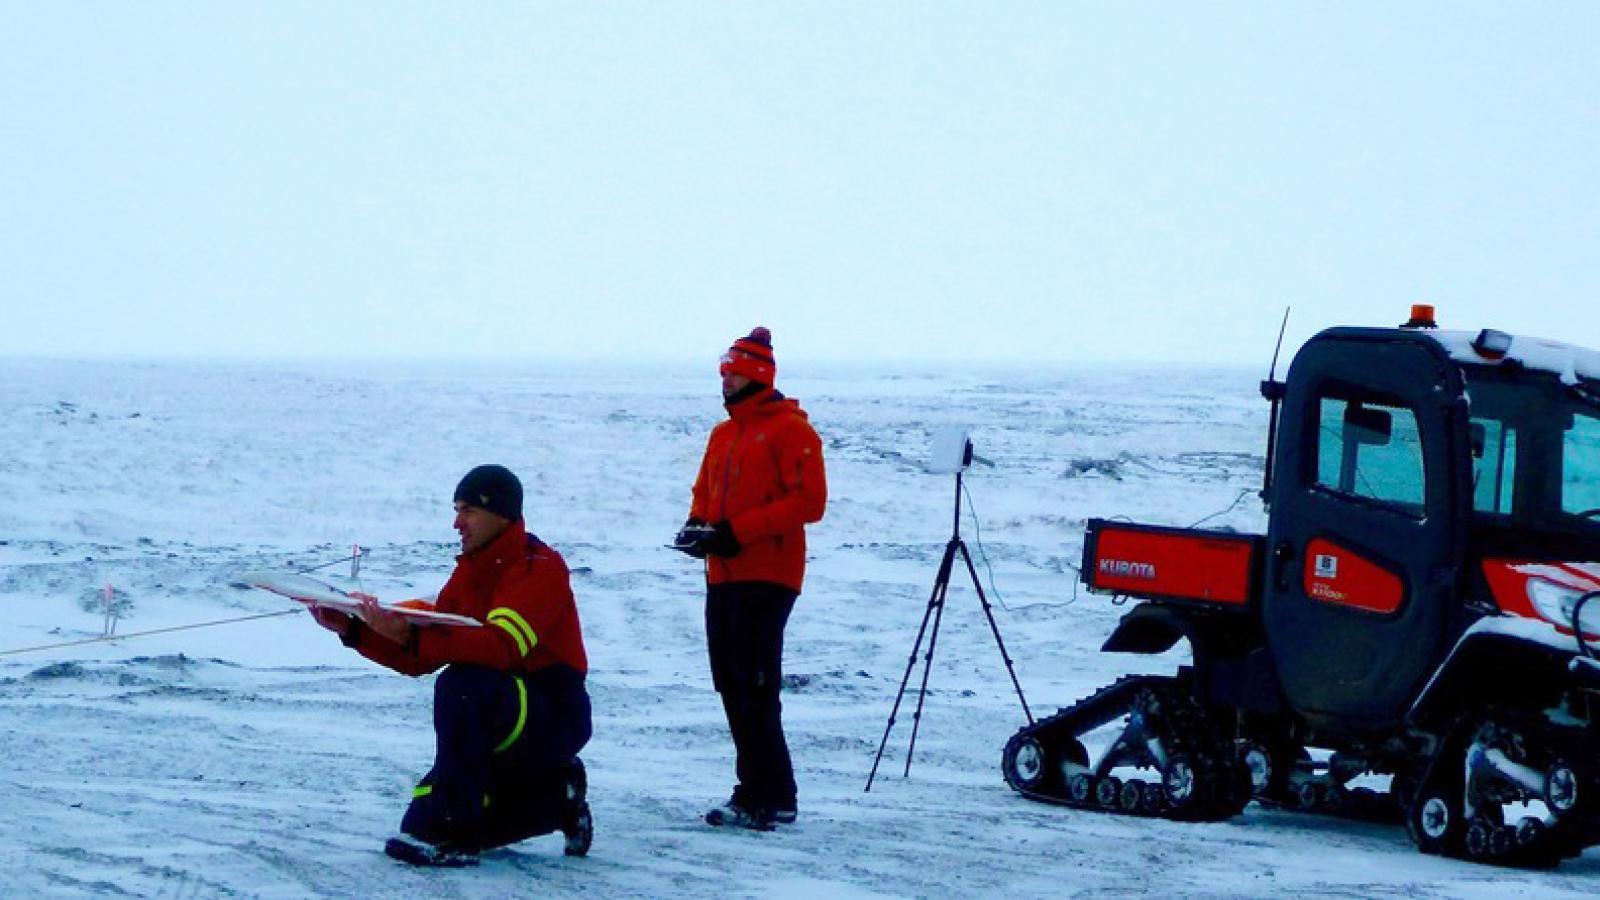 CU Researchers testing a drone in Alaska